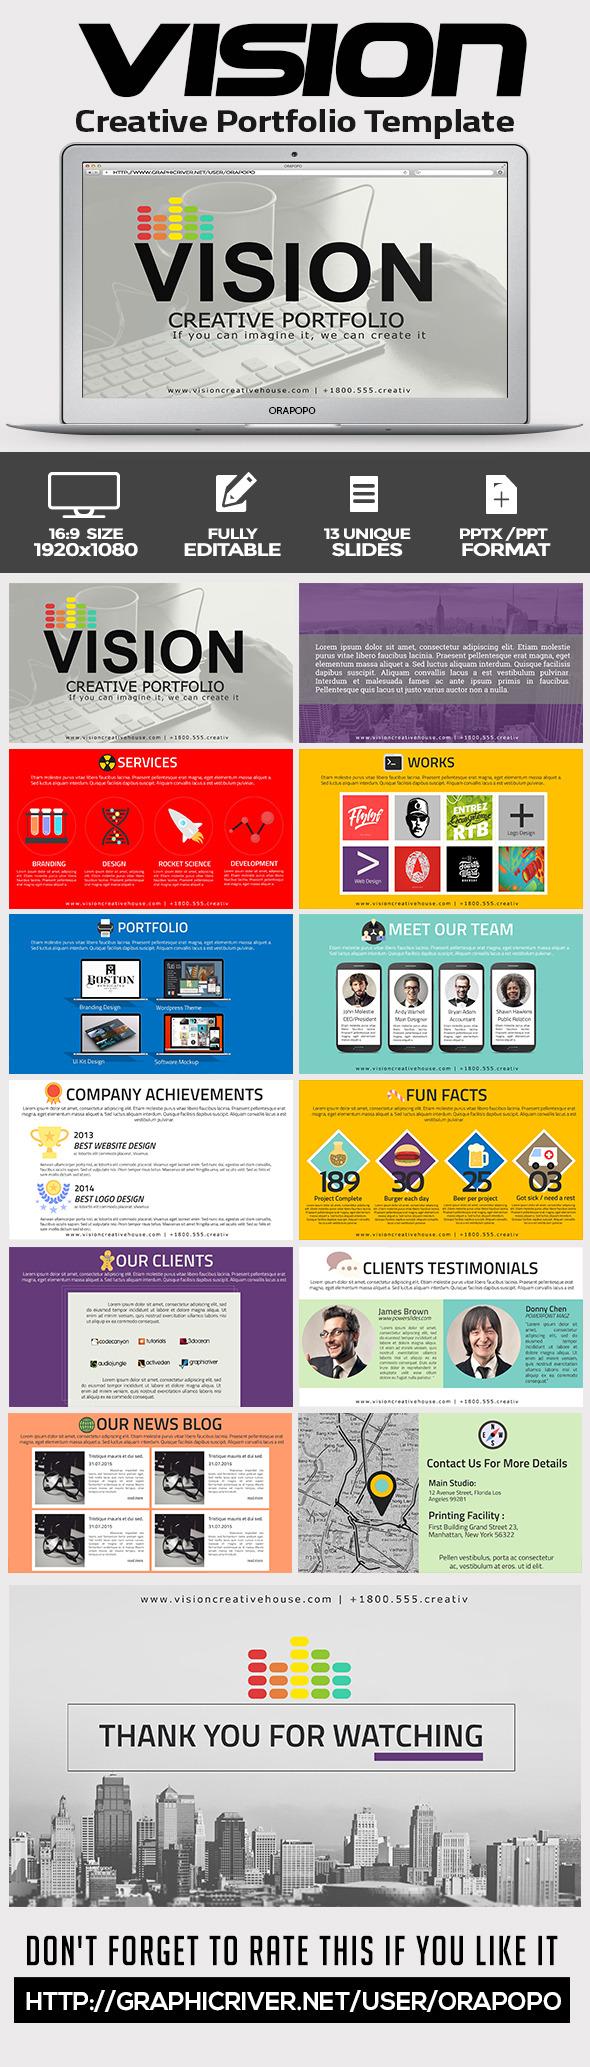 GraphicRiver Vision Creative Portfolio Template 11433926